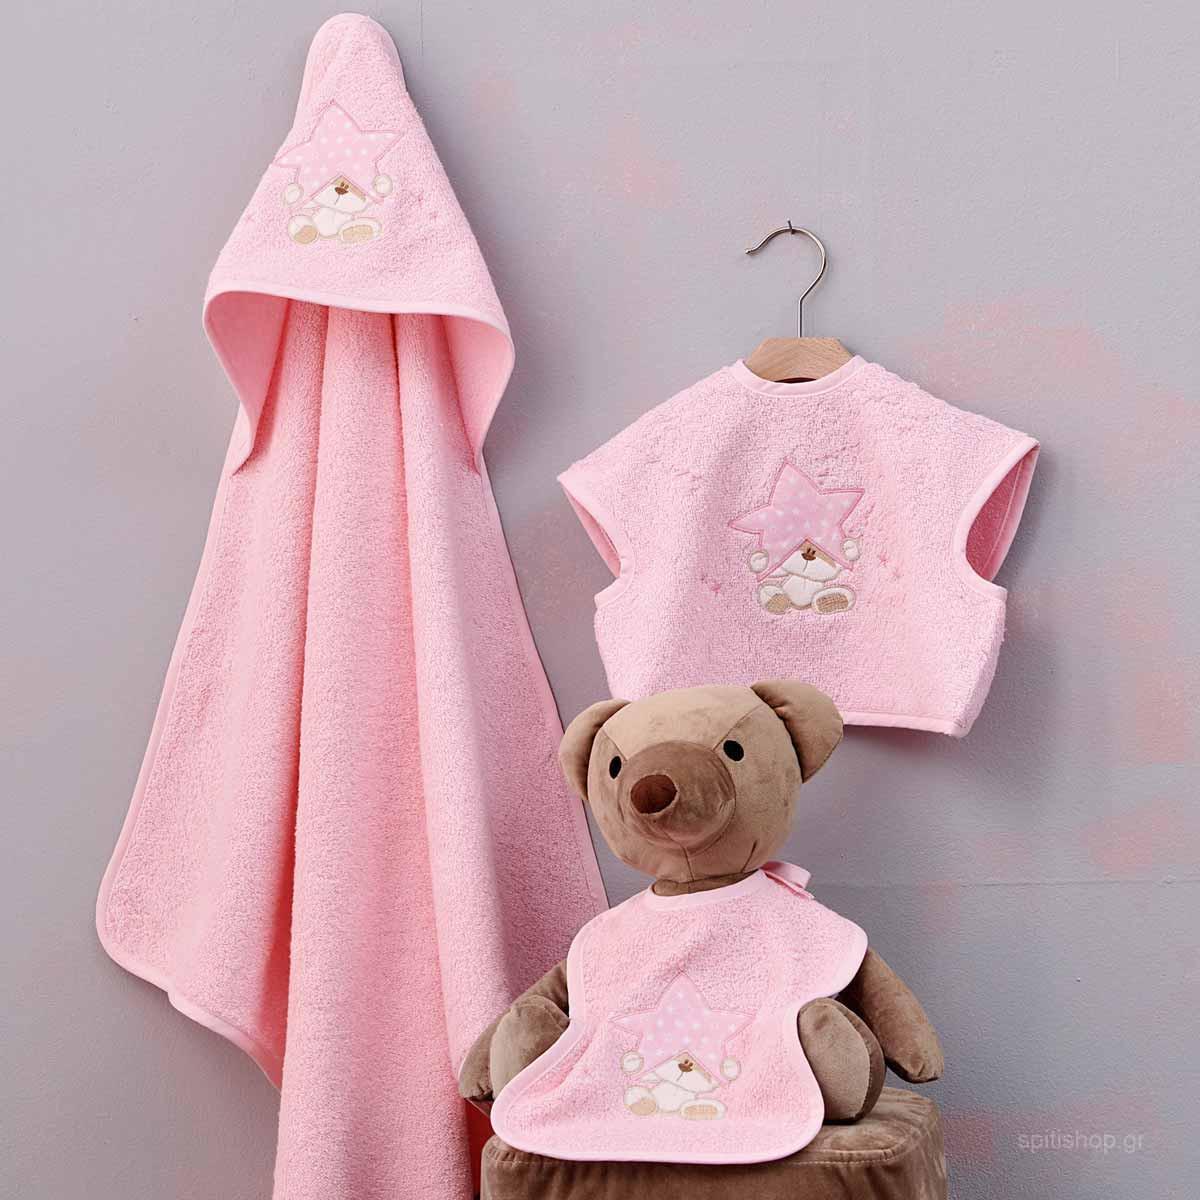 Βρεφικό Σετ Λουτρού Palamaiki Baby Joia 527 Pink